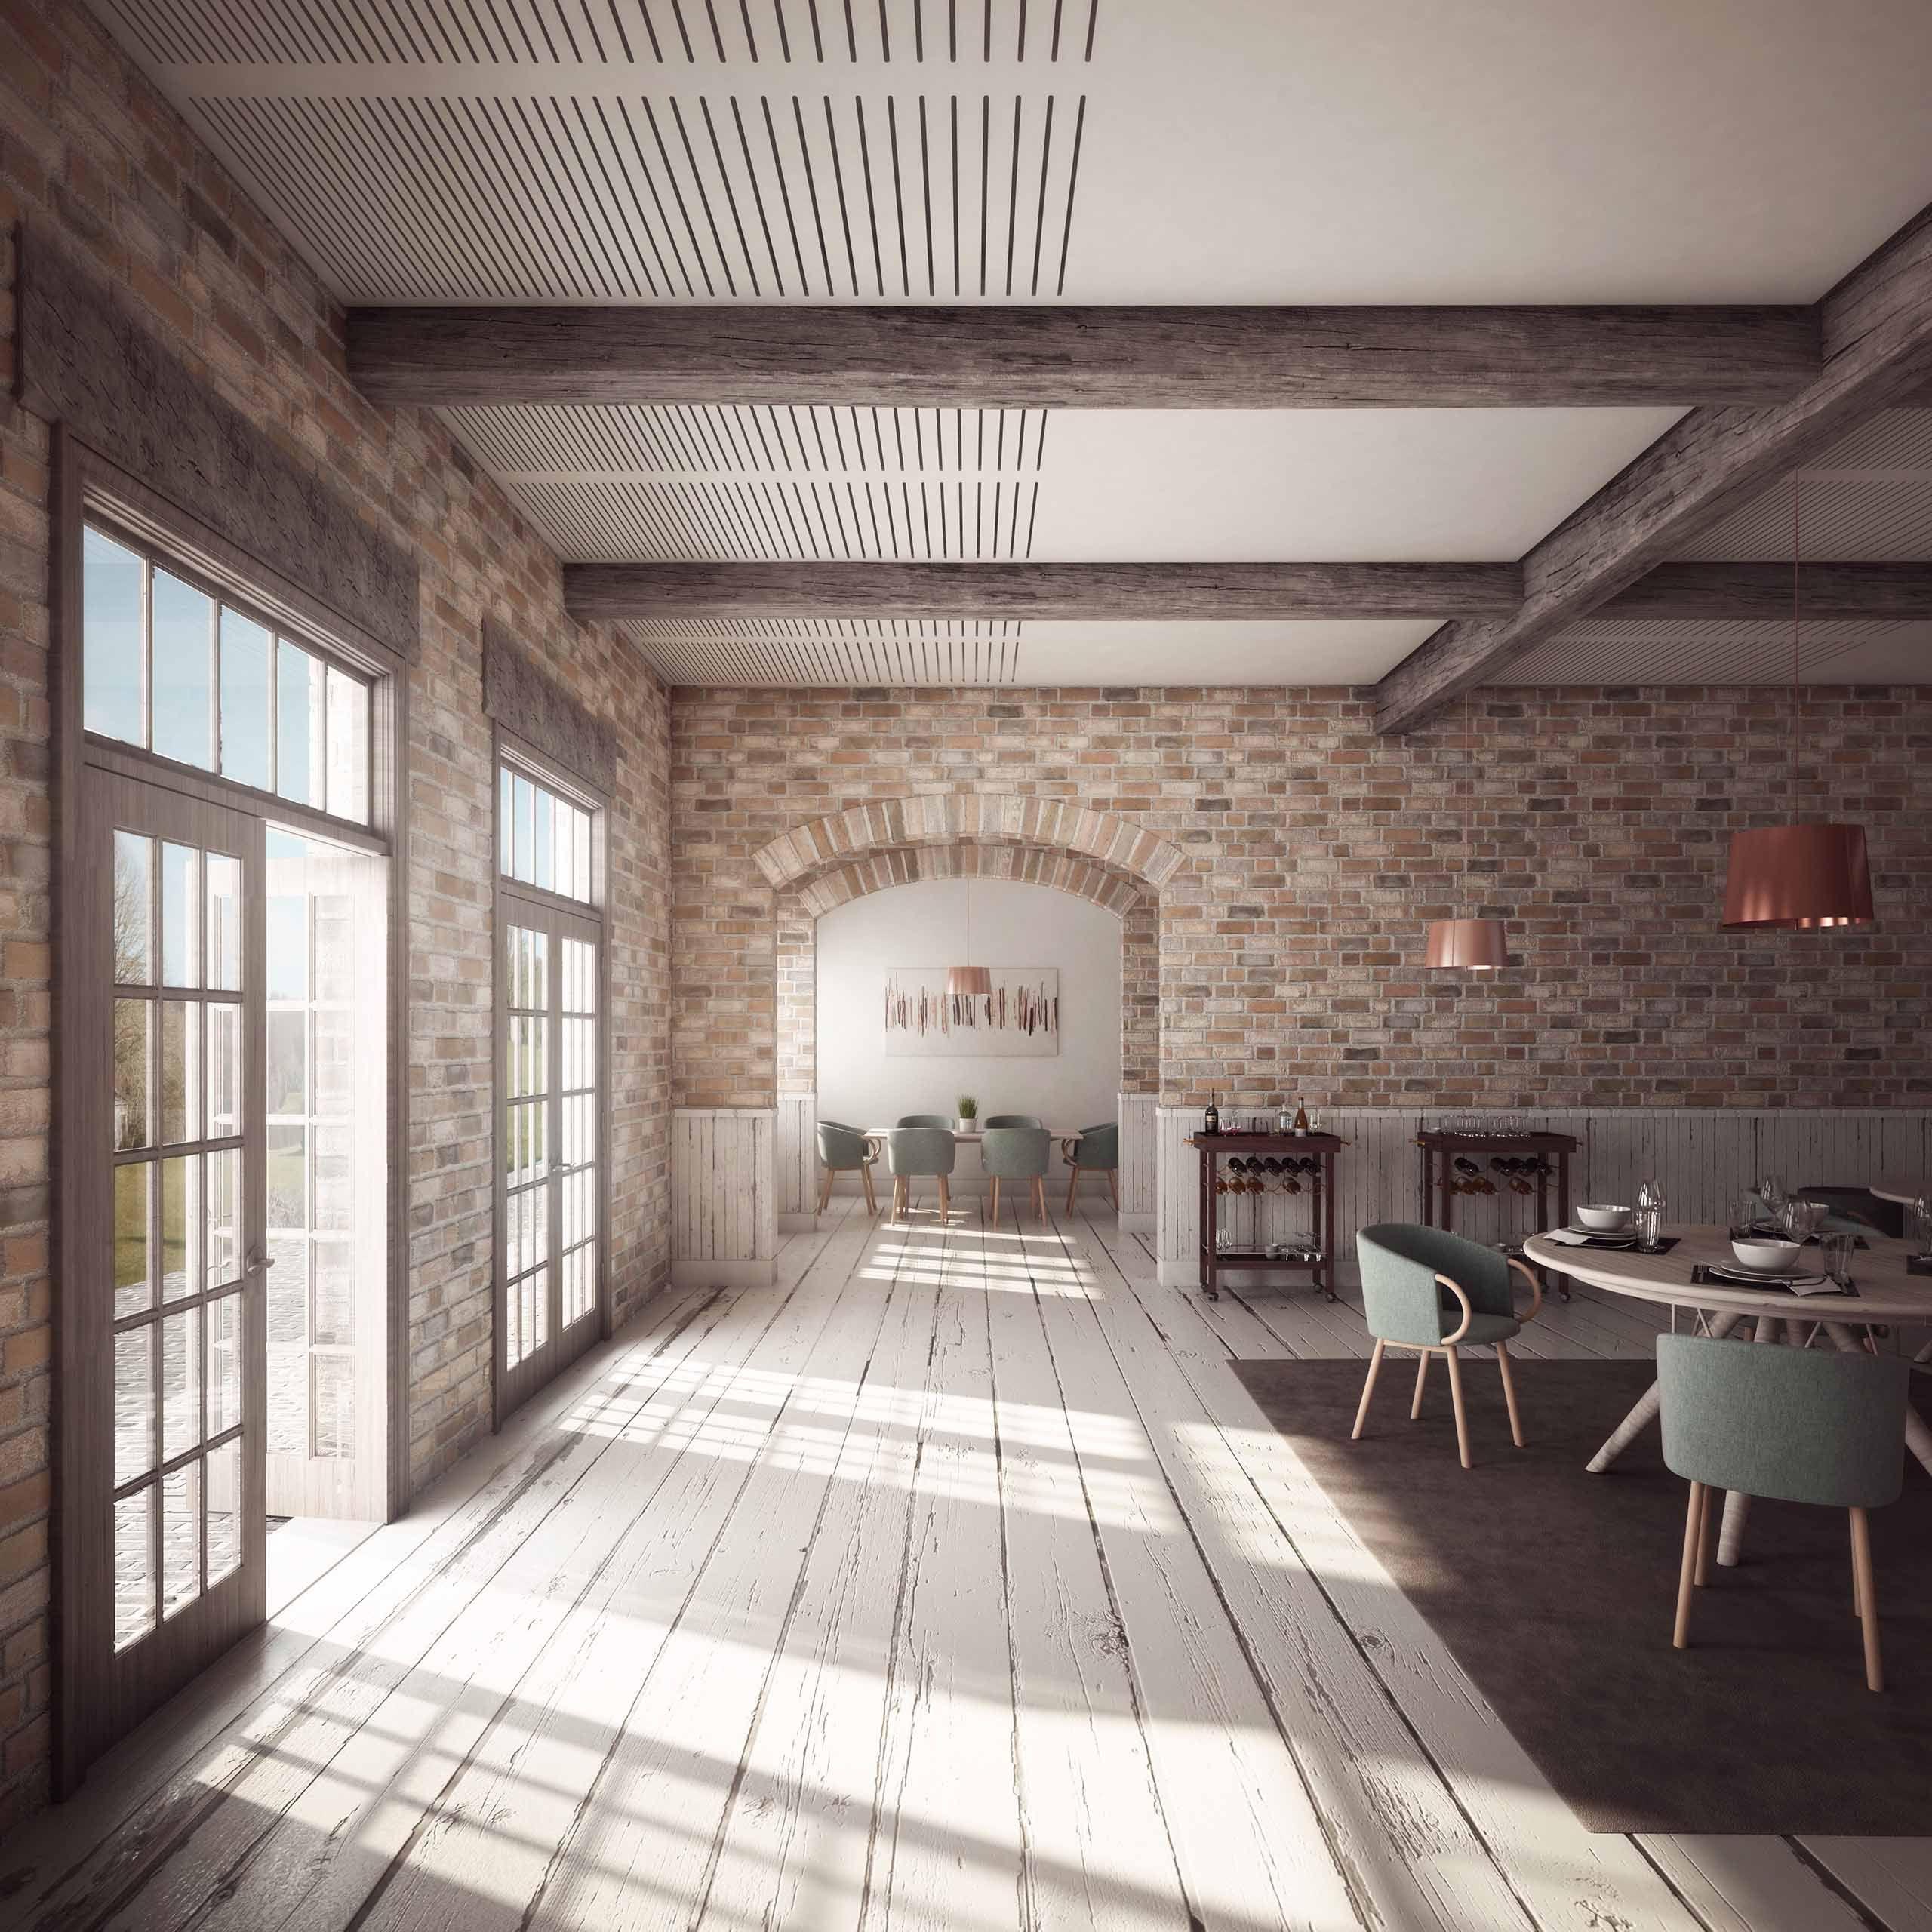 die besten 25 fermacell ideen auf pinterest w rmed mmung dach fensterverkleidungen und. Black Bedroom Furniture Sets. Home Design Ideas